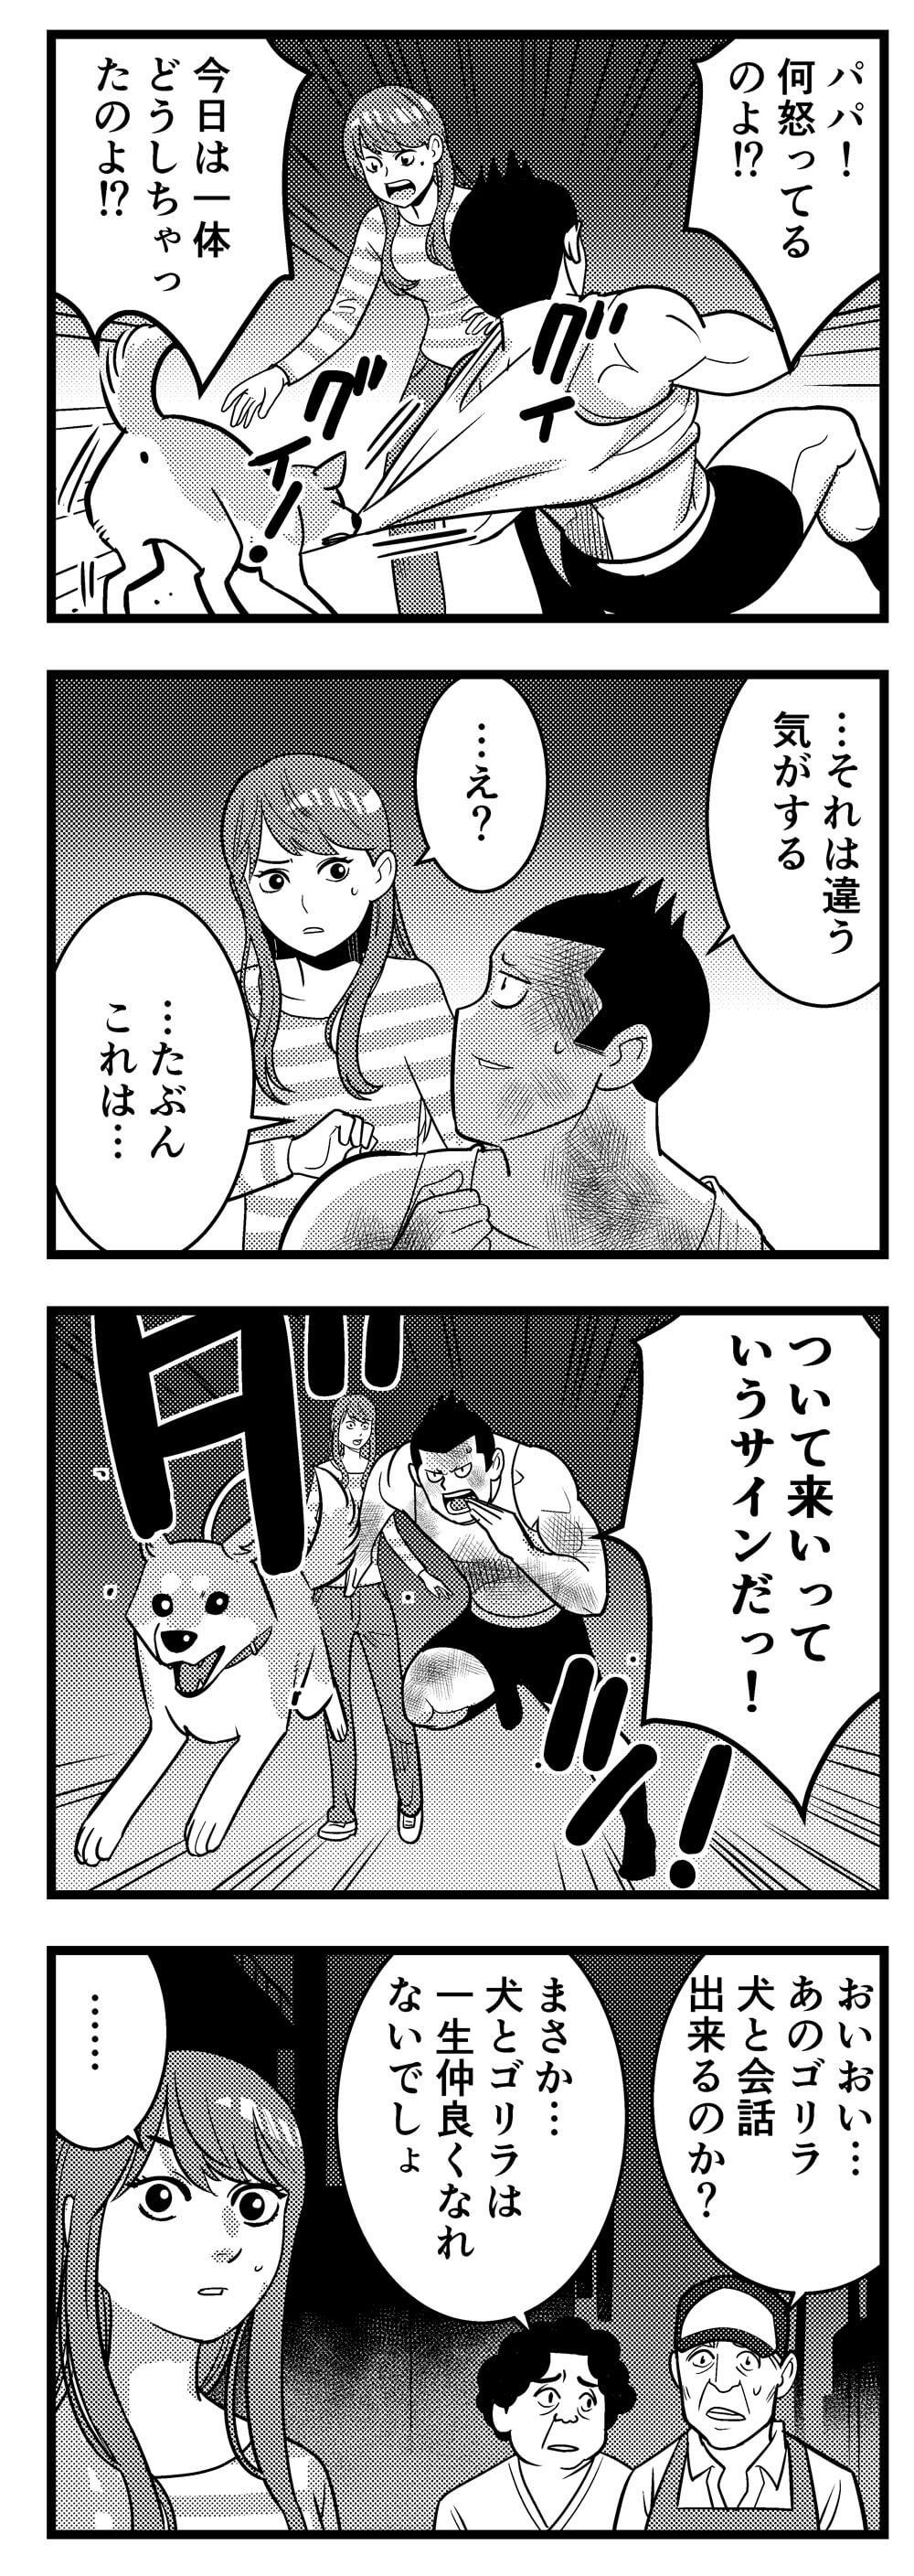 犬とゴリラ9話_026-3